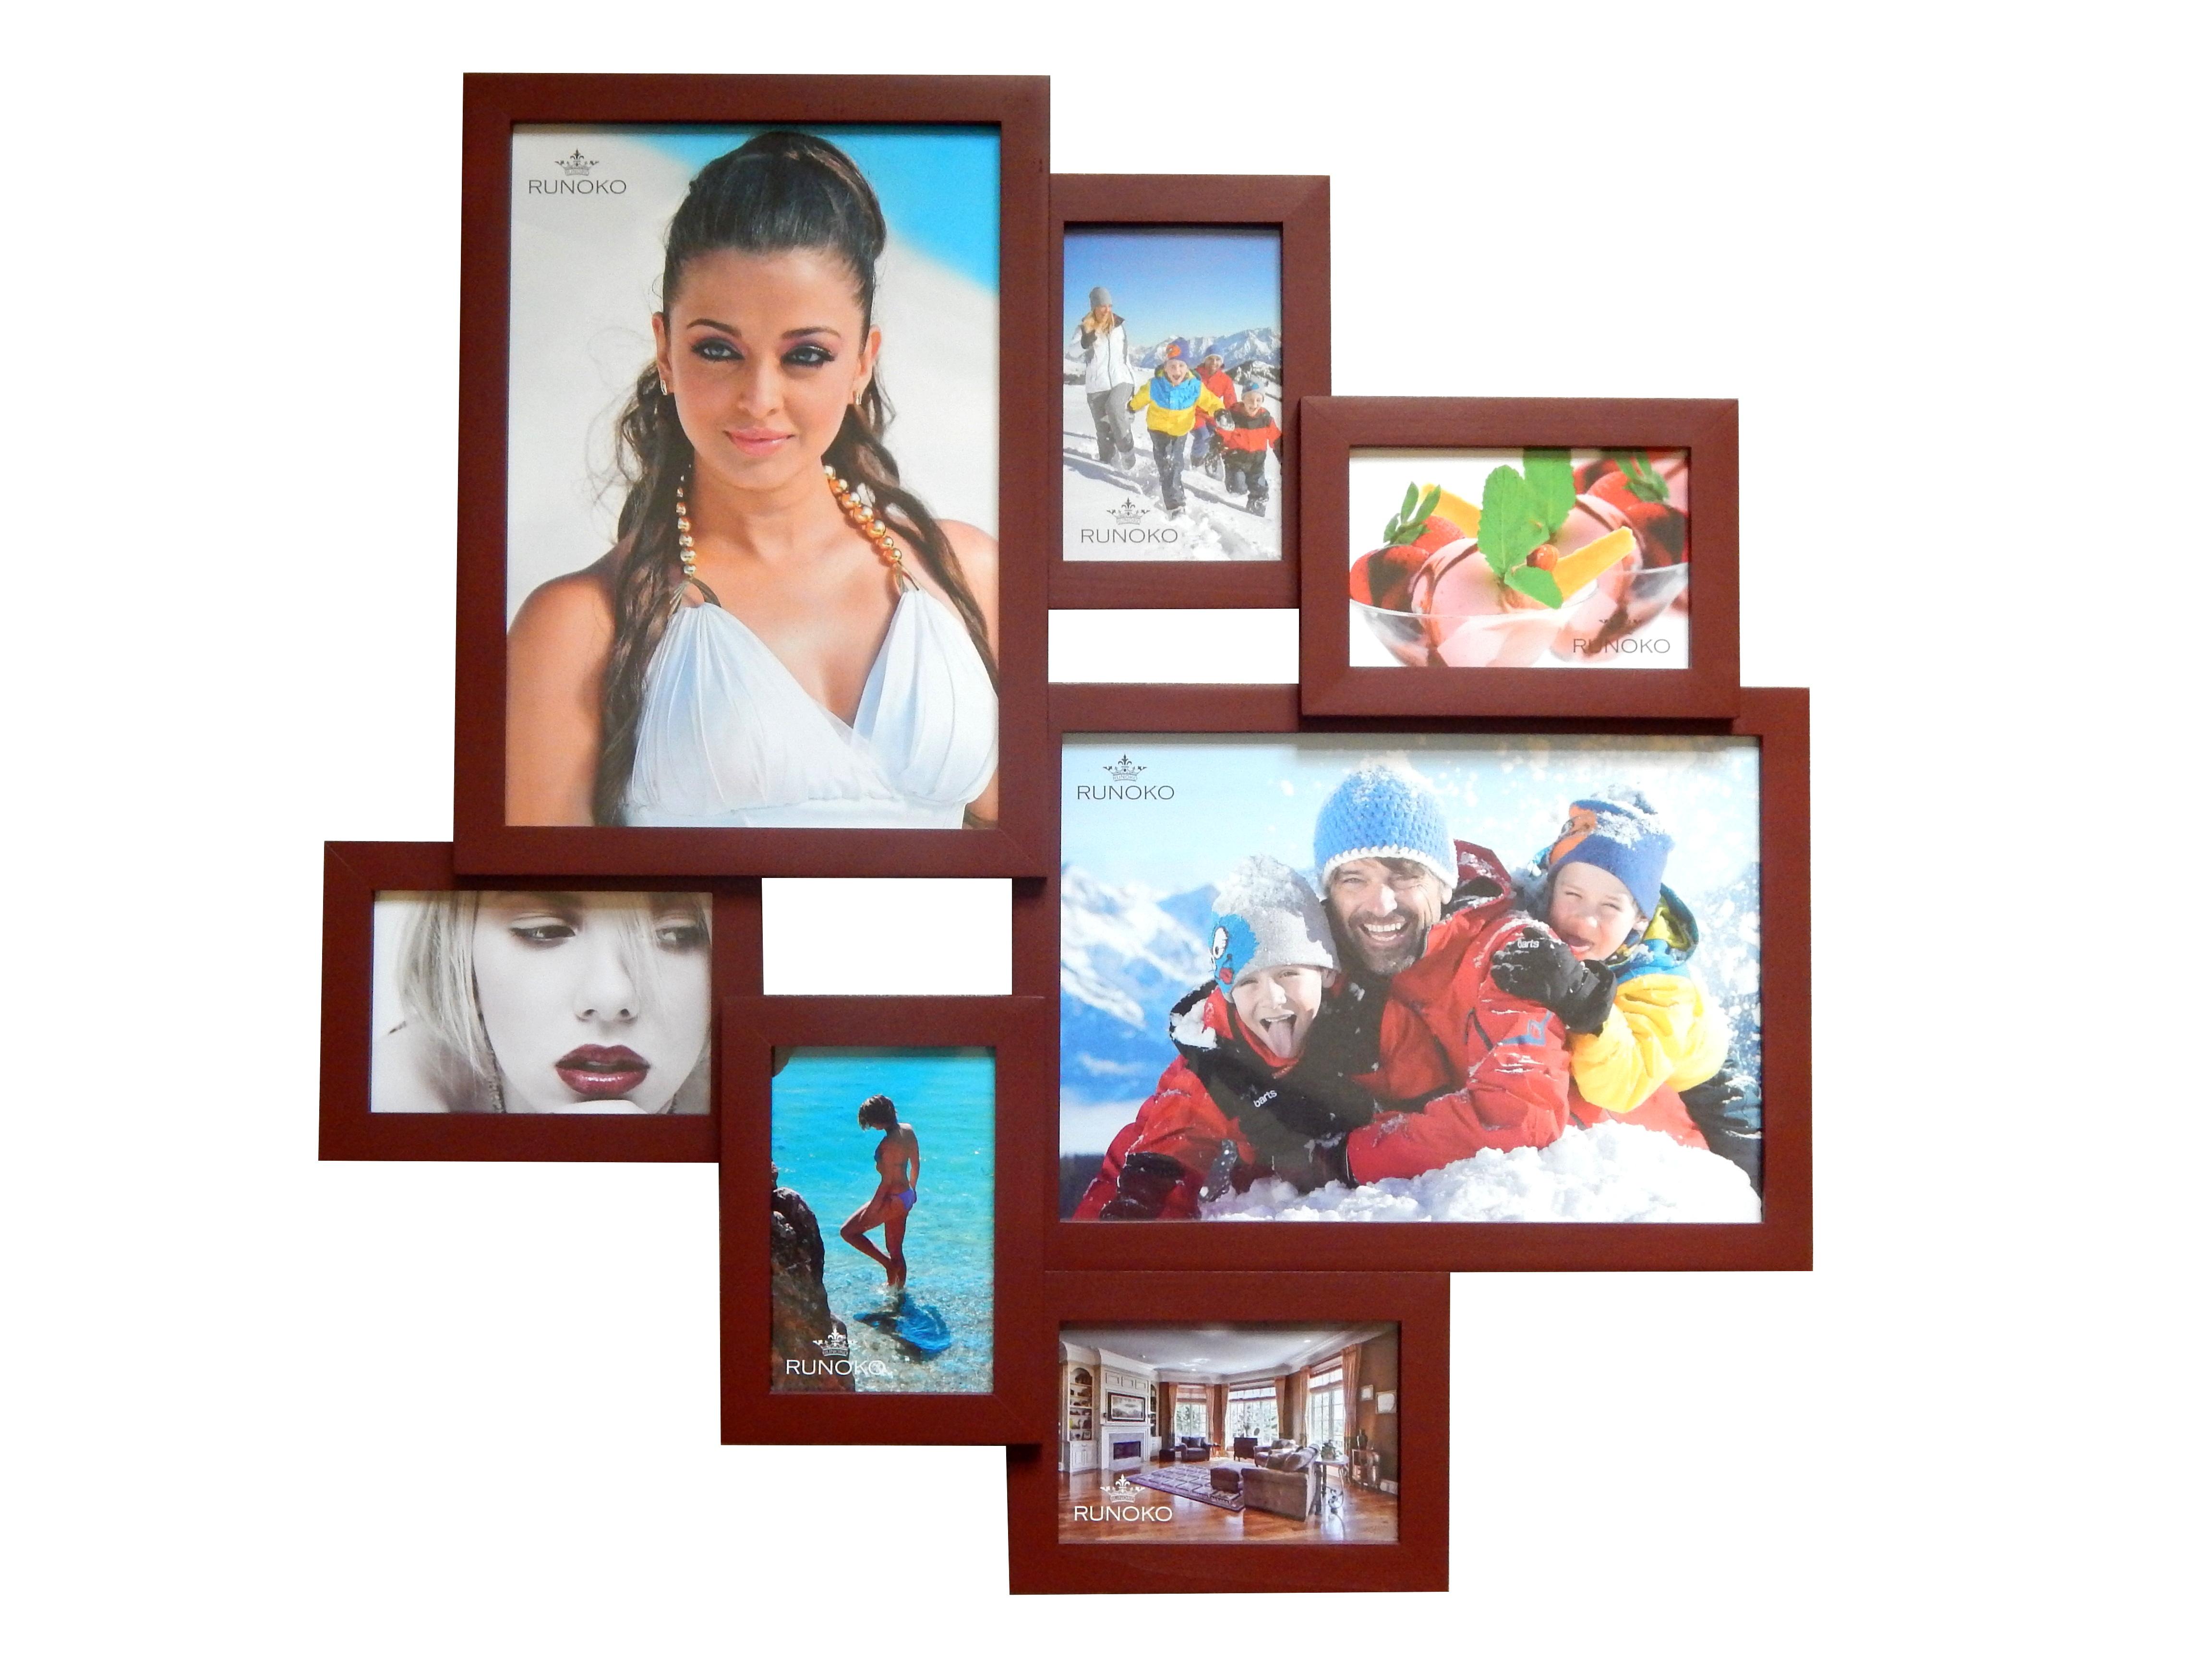 купить рамка для фото на стену на несколько фотографий Бердянск